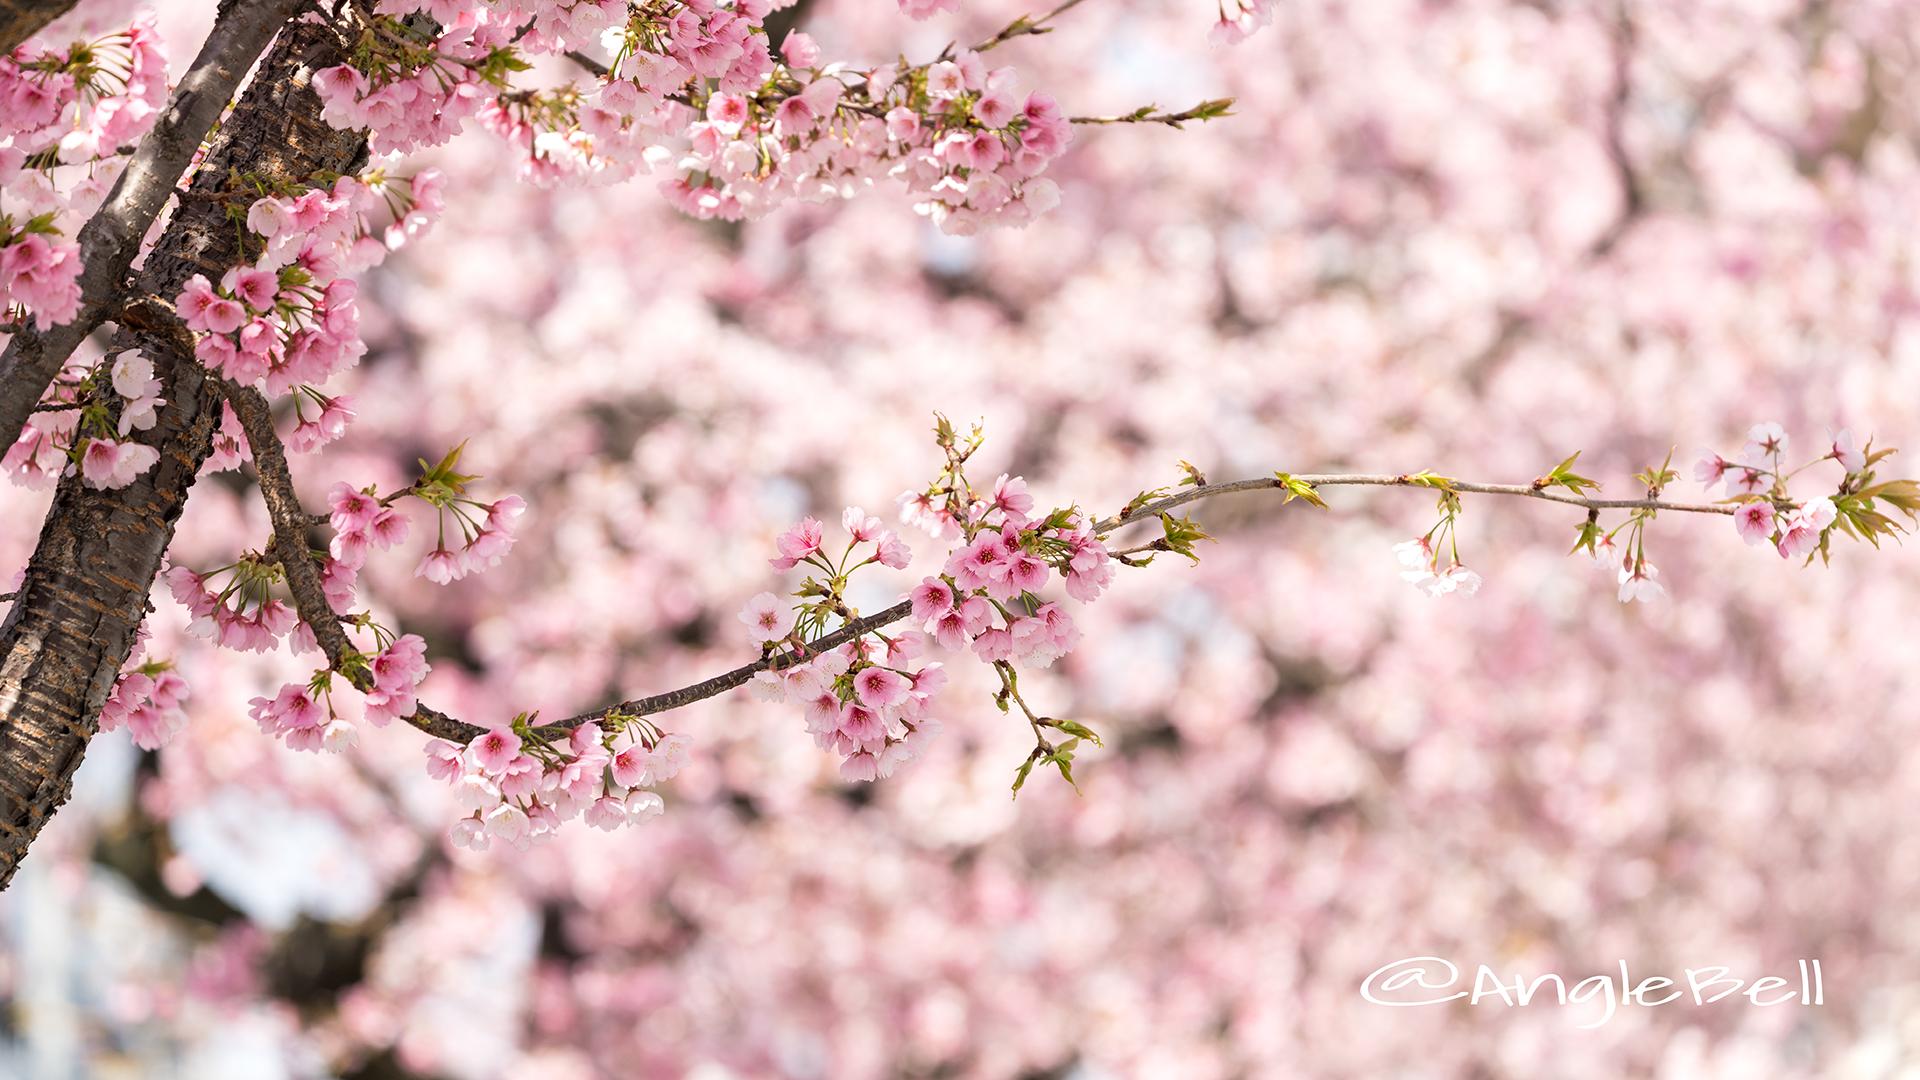 オオカンザクラ 大寒桜 Flower Photo2019_05